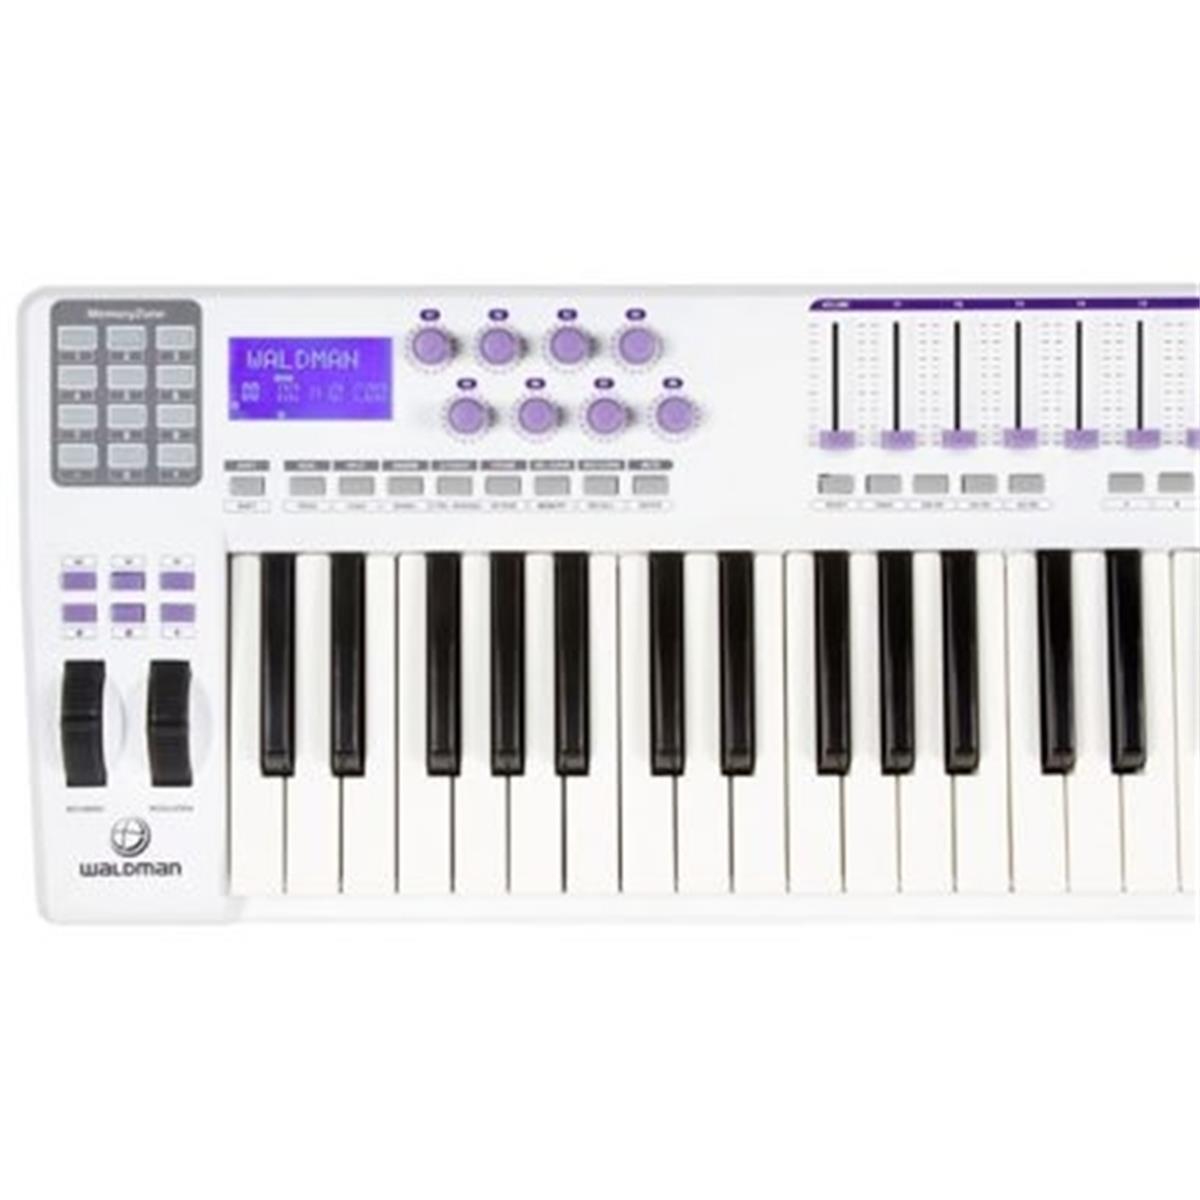 Controlador Midi Waldman Carbon 61 USB/MIDI 61 teclas com Pads